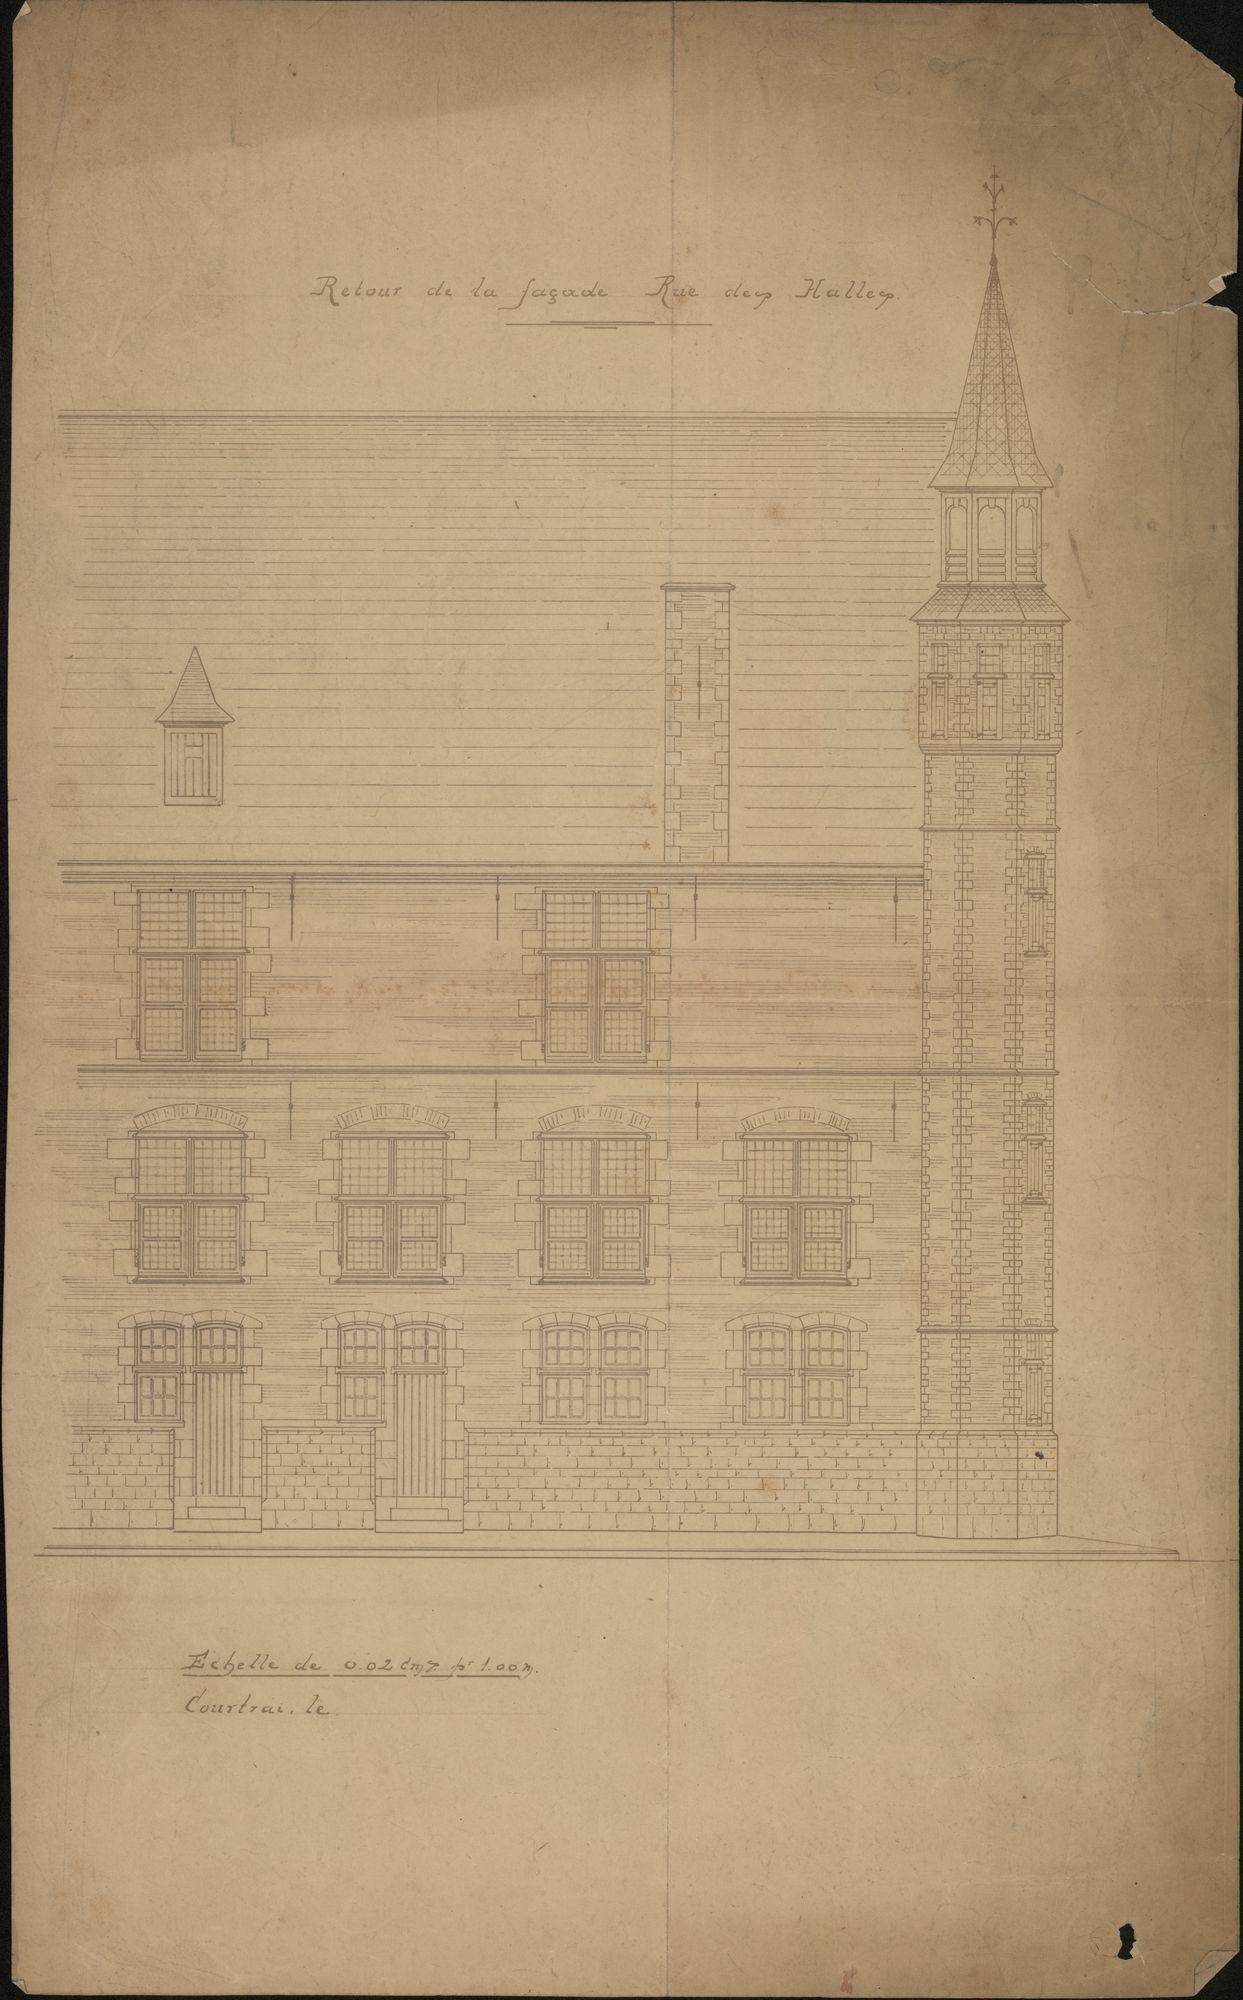 Bouwplannen i.v.m. de restauratie van de Grote Hallen te Kortrijk, 1897-1901